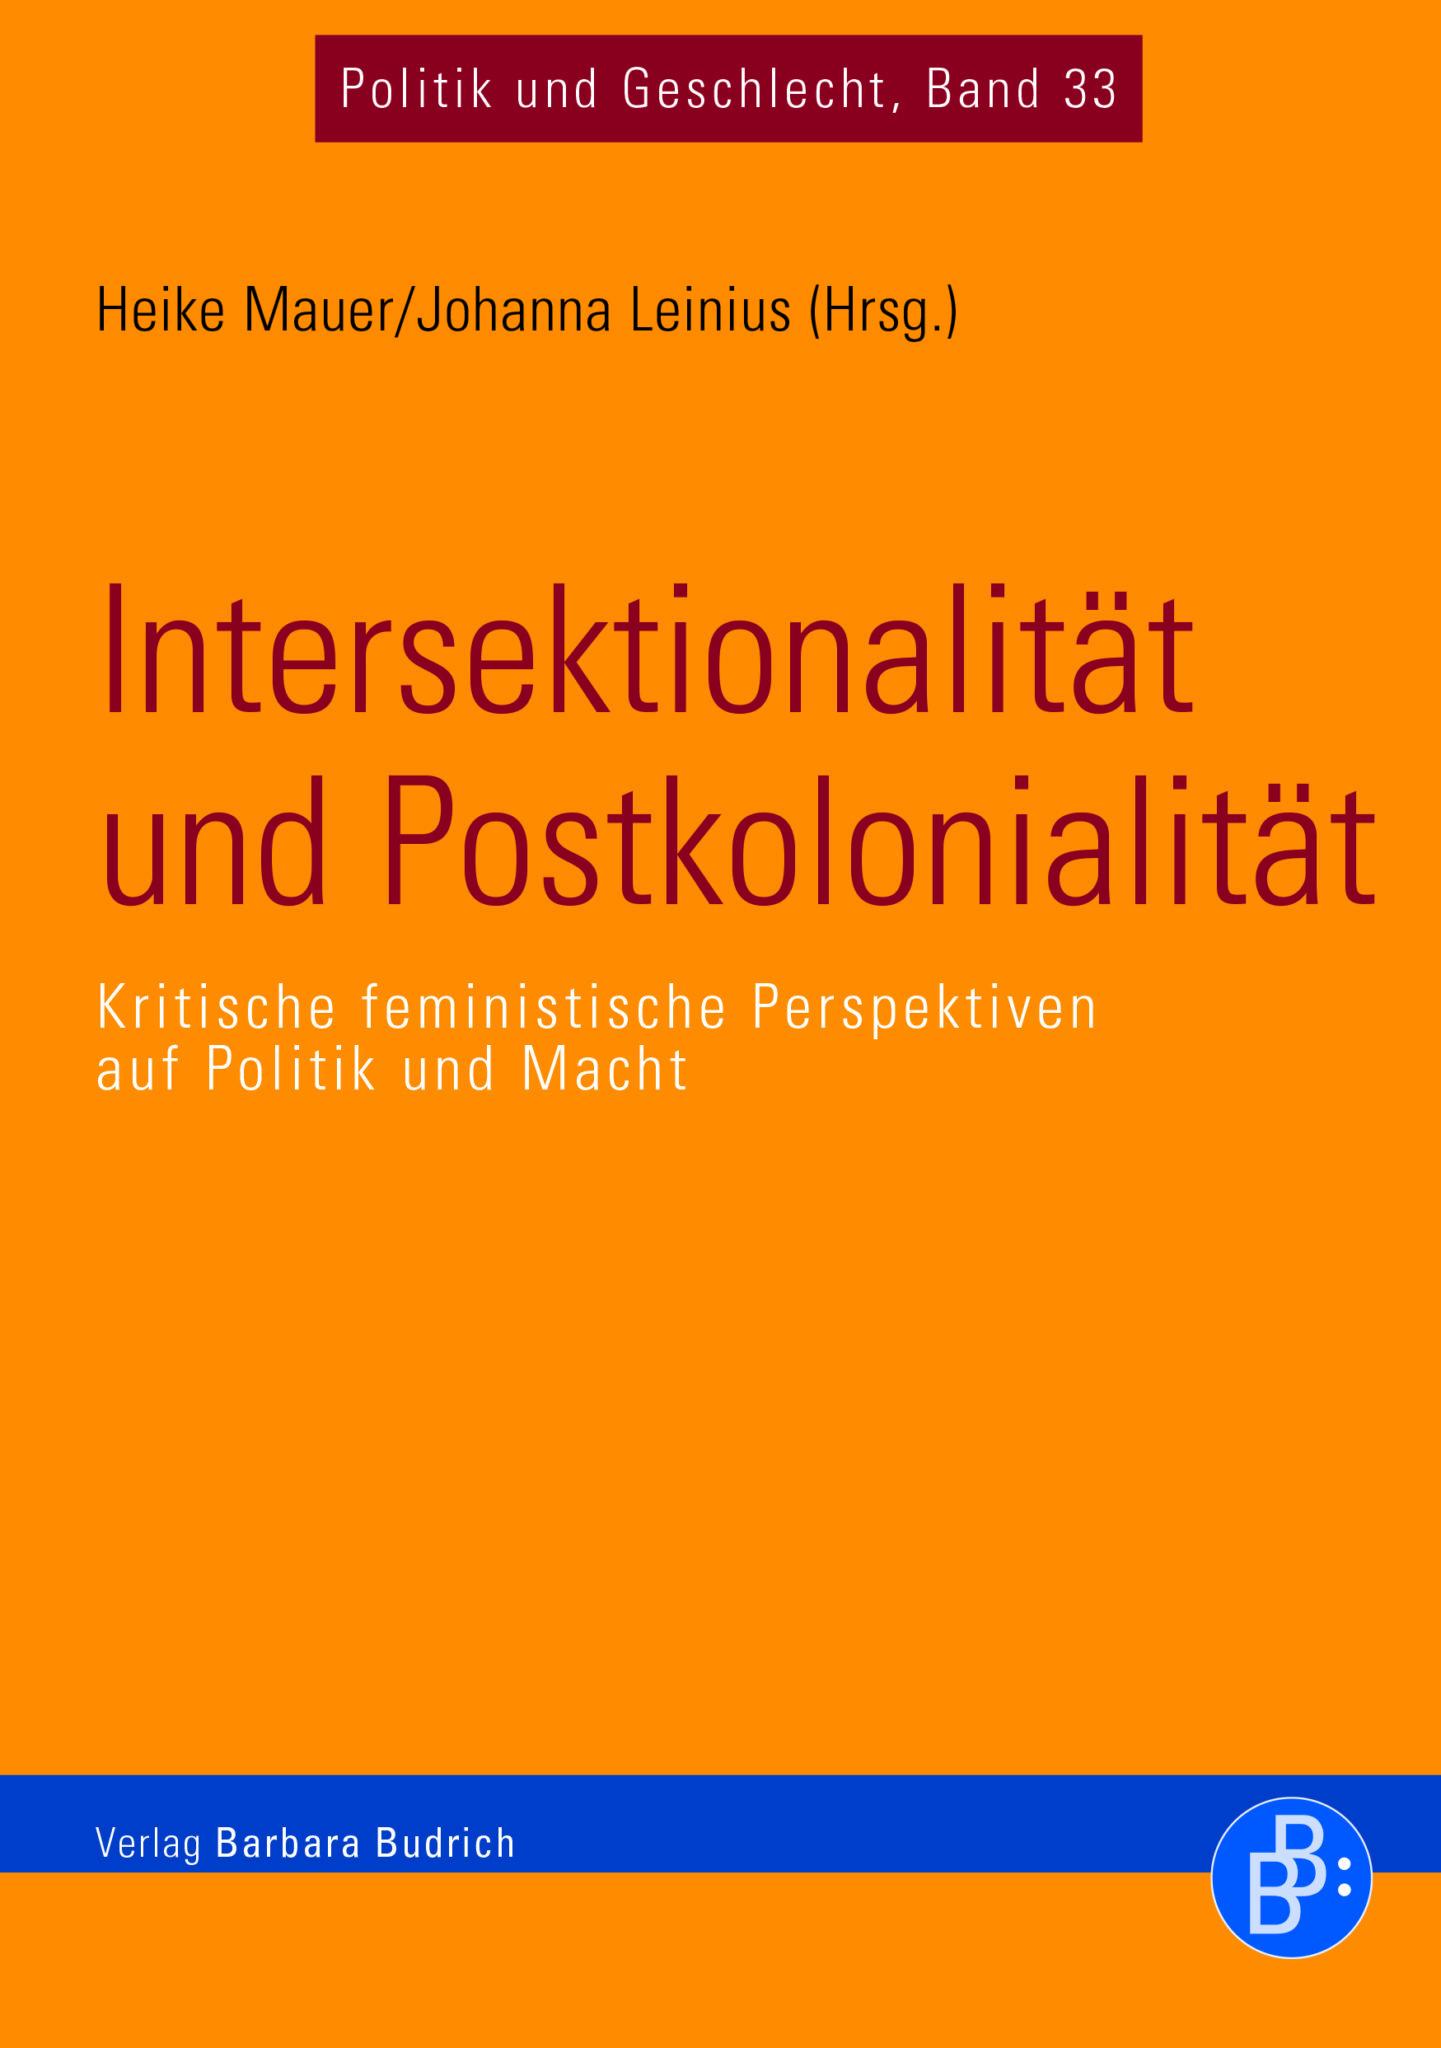 Mauer/Leinius (Hrsg.): Intersektionalität und Postkolonialität. Kritische feministische Perspektiven auf Politik und Macht. Verlag Barbara Budrich. ED: 14.12.2020